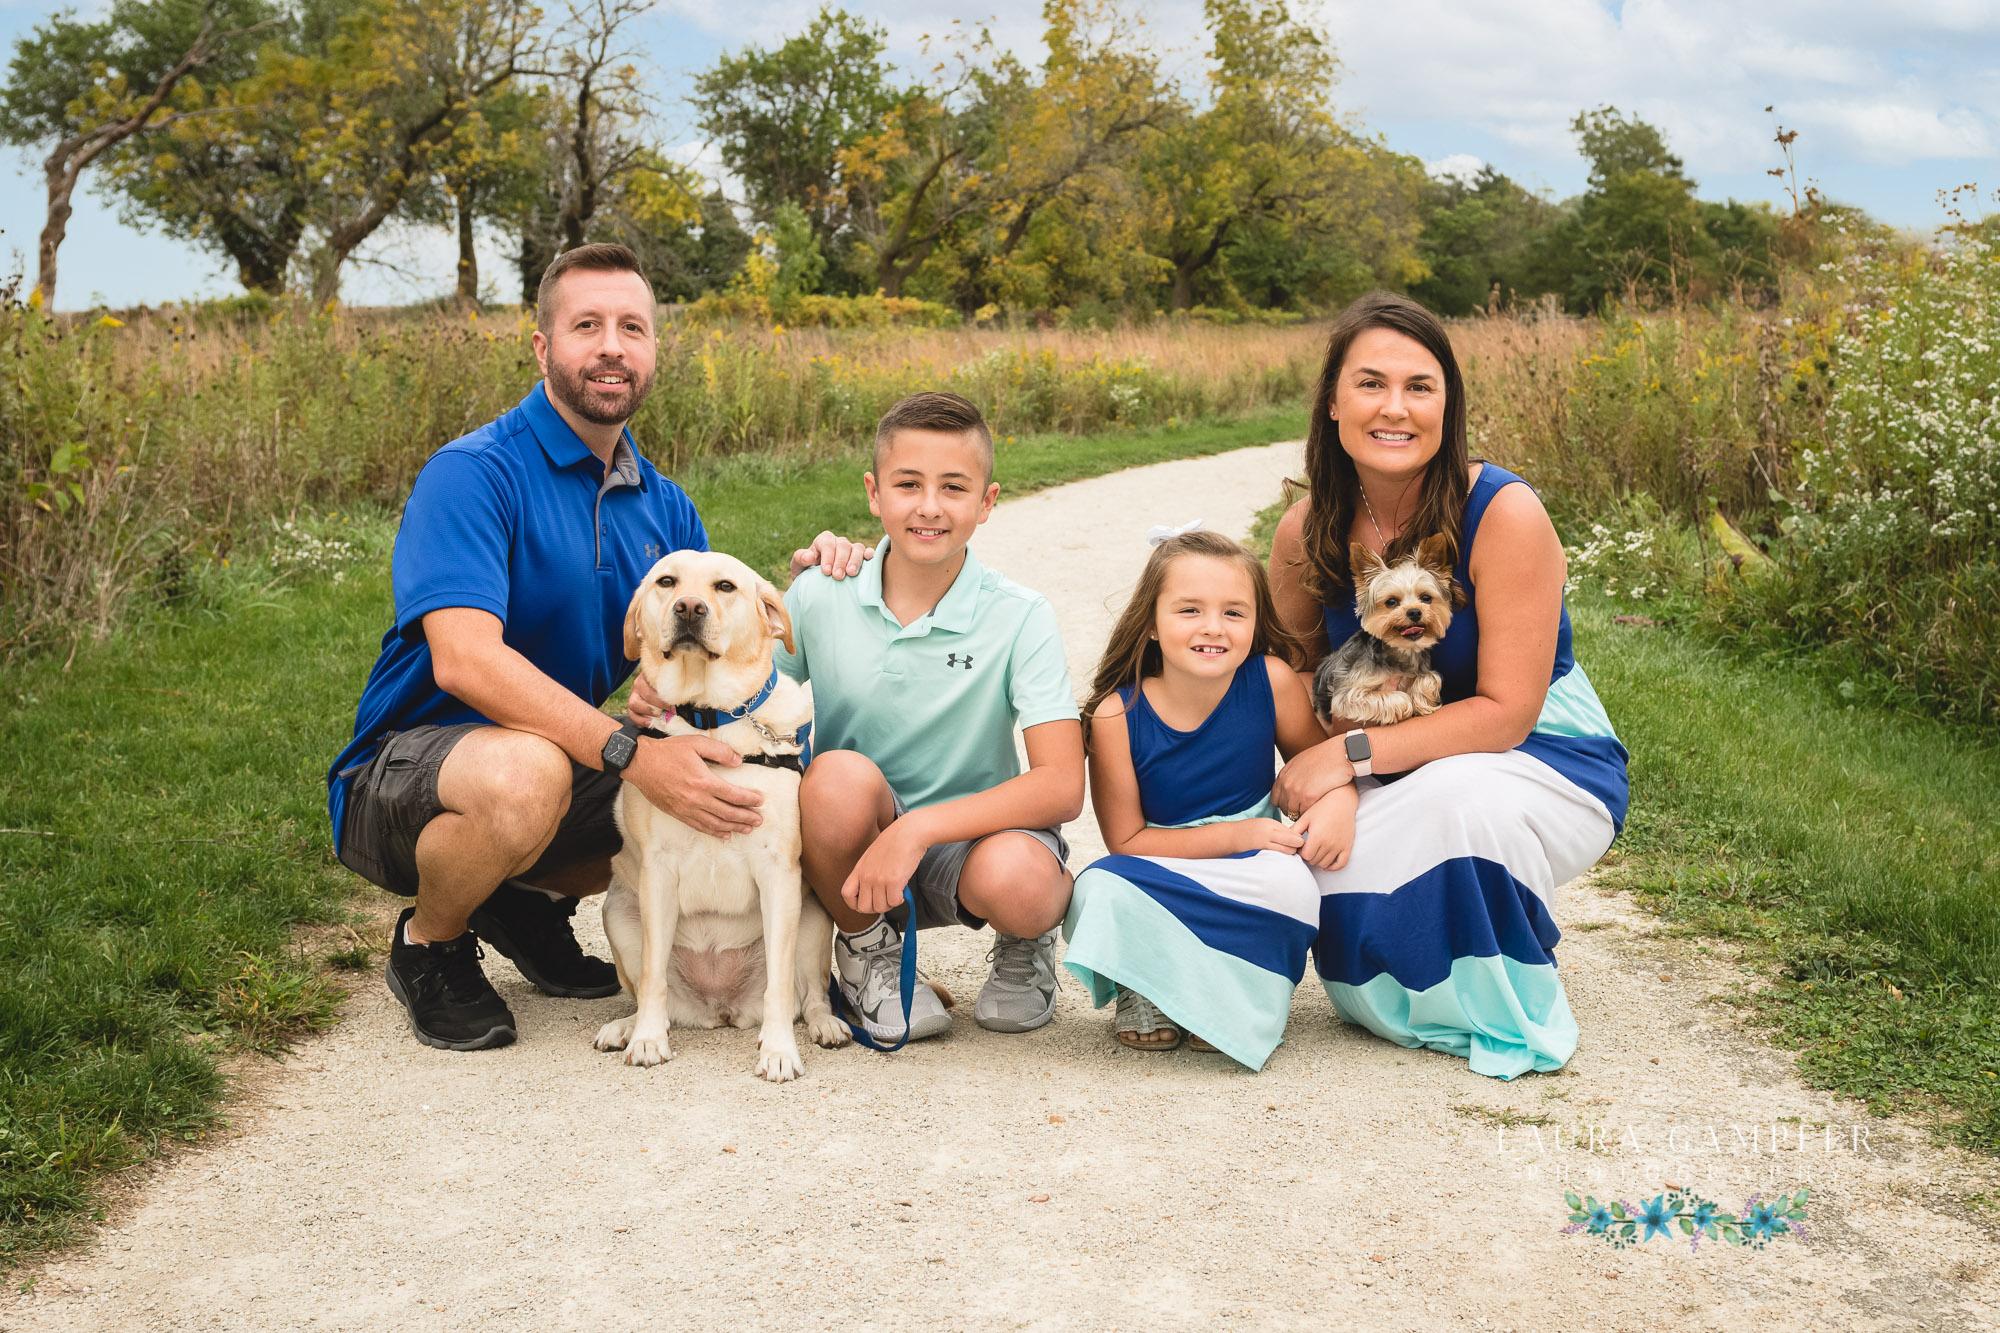 family and pet photography geneva il